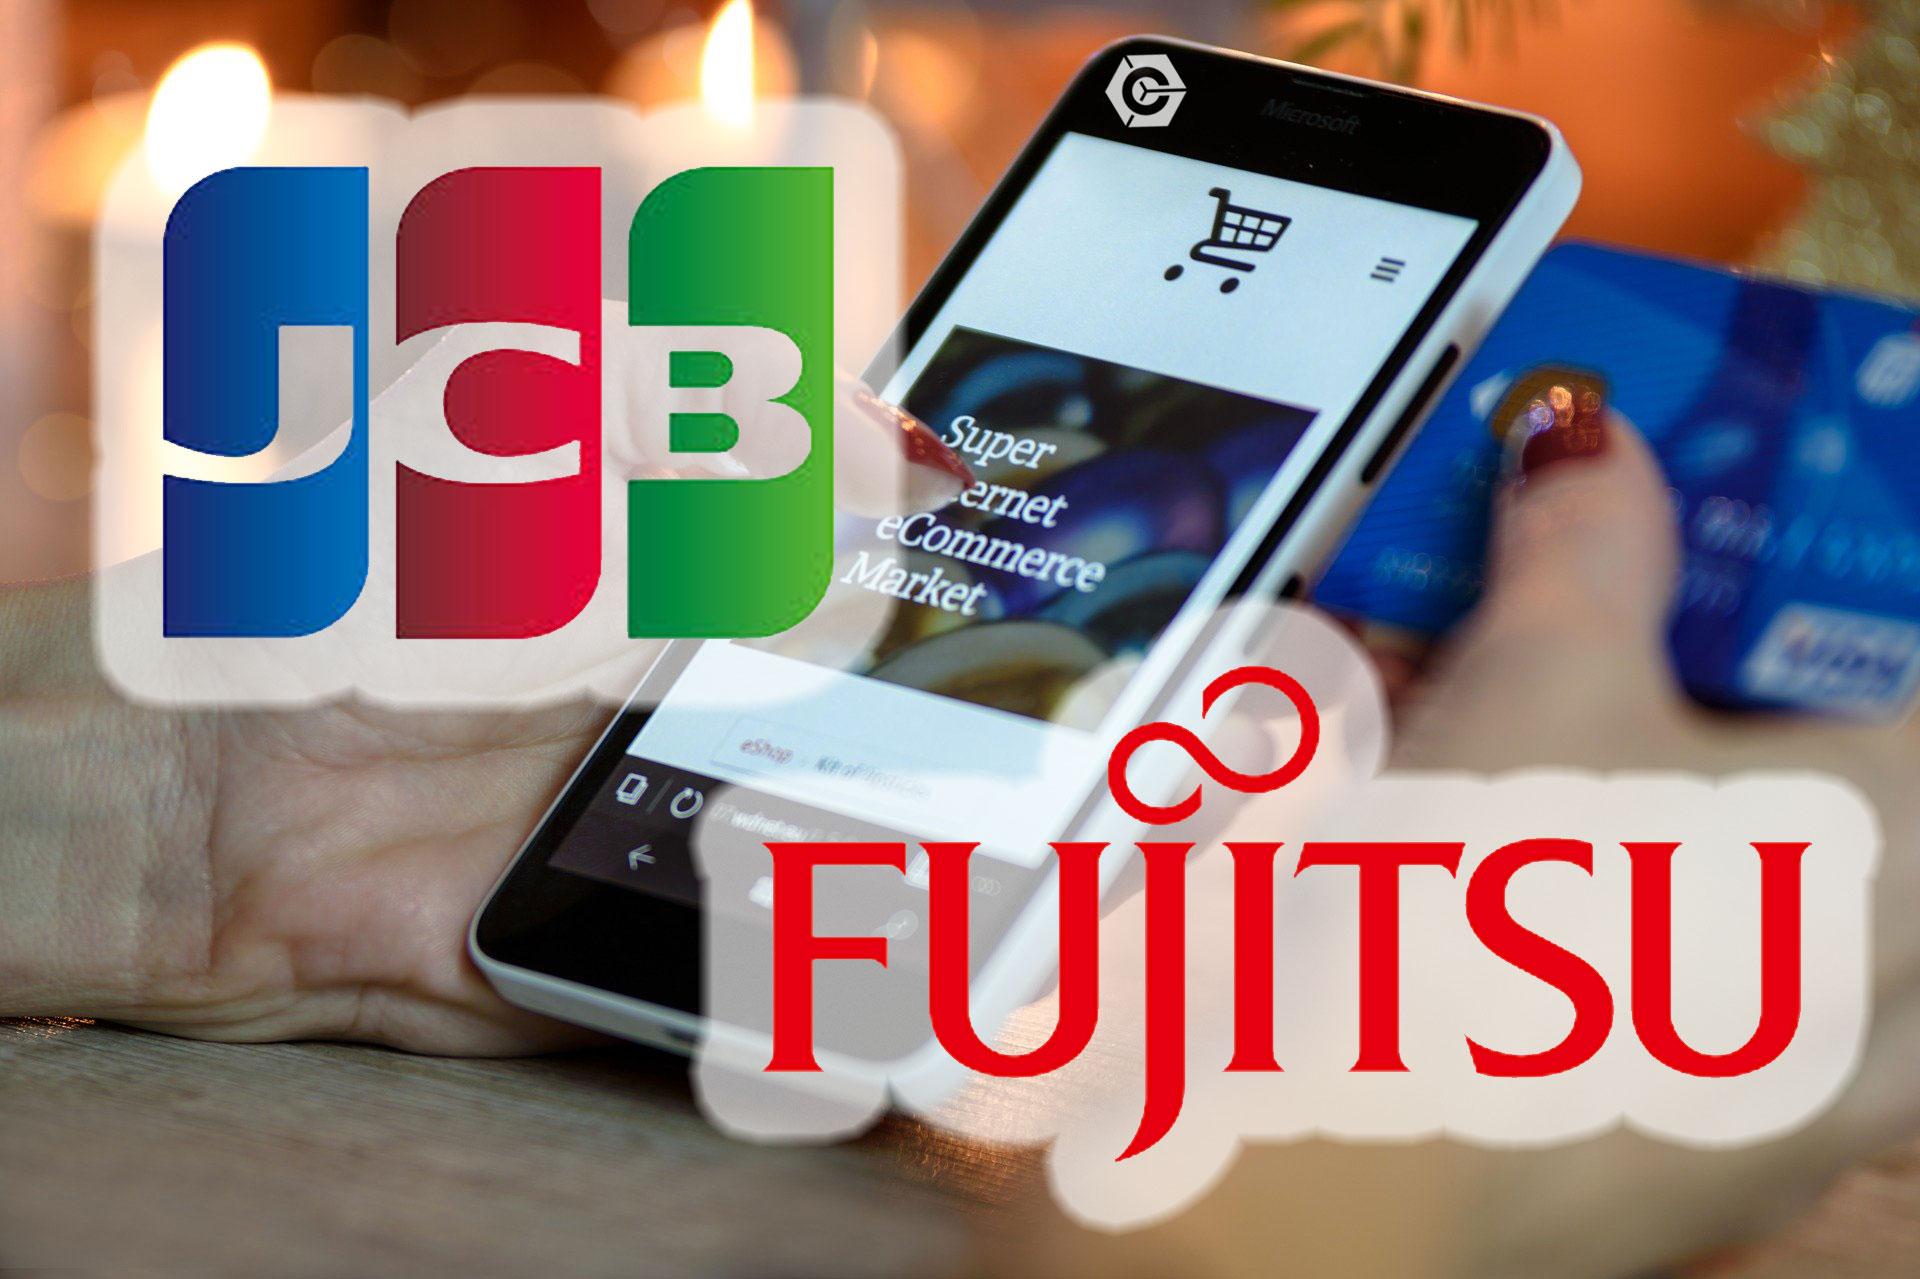 JCB・富士通、キャッシュレスポイントの相互交換を可能に!国内初のサービスを開発